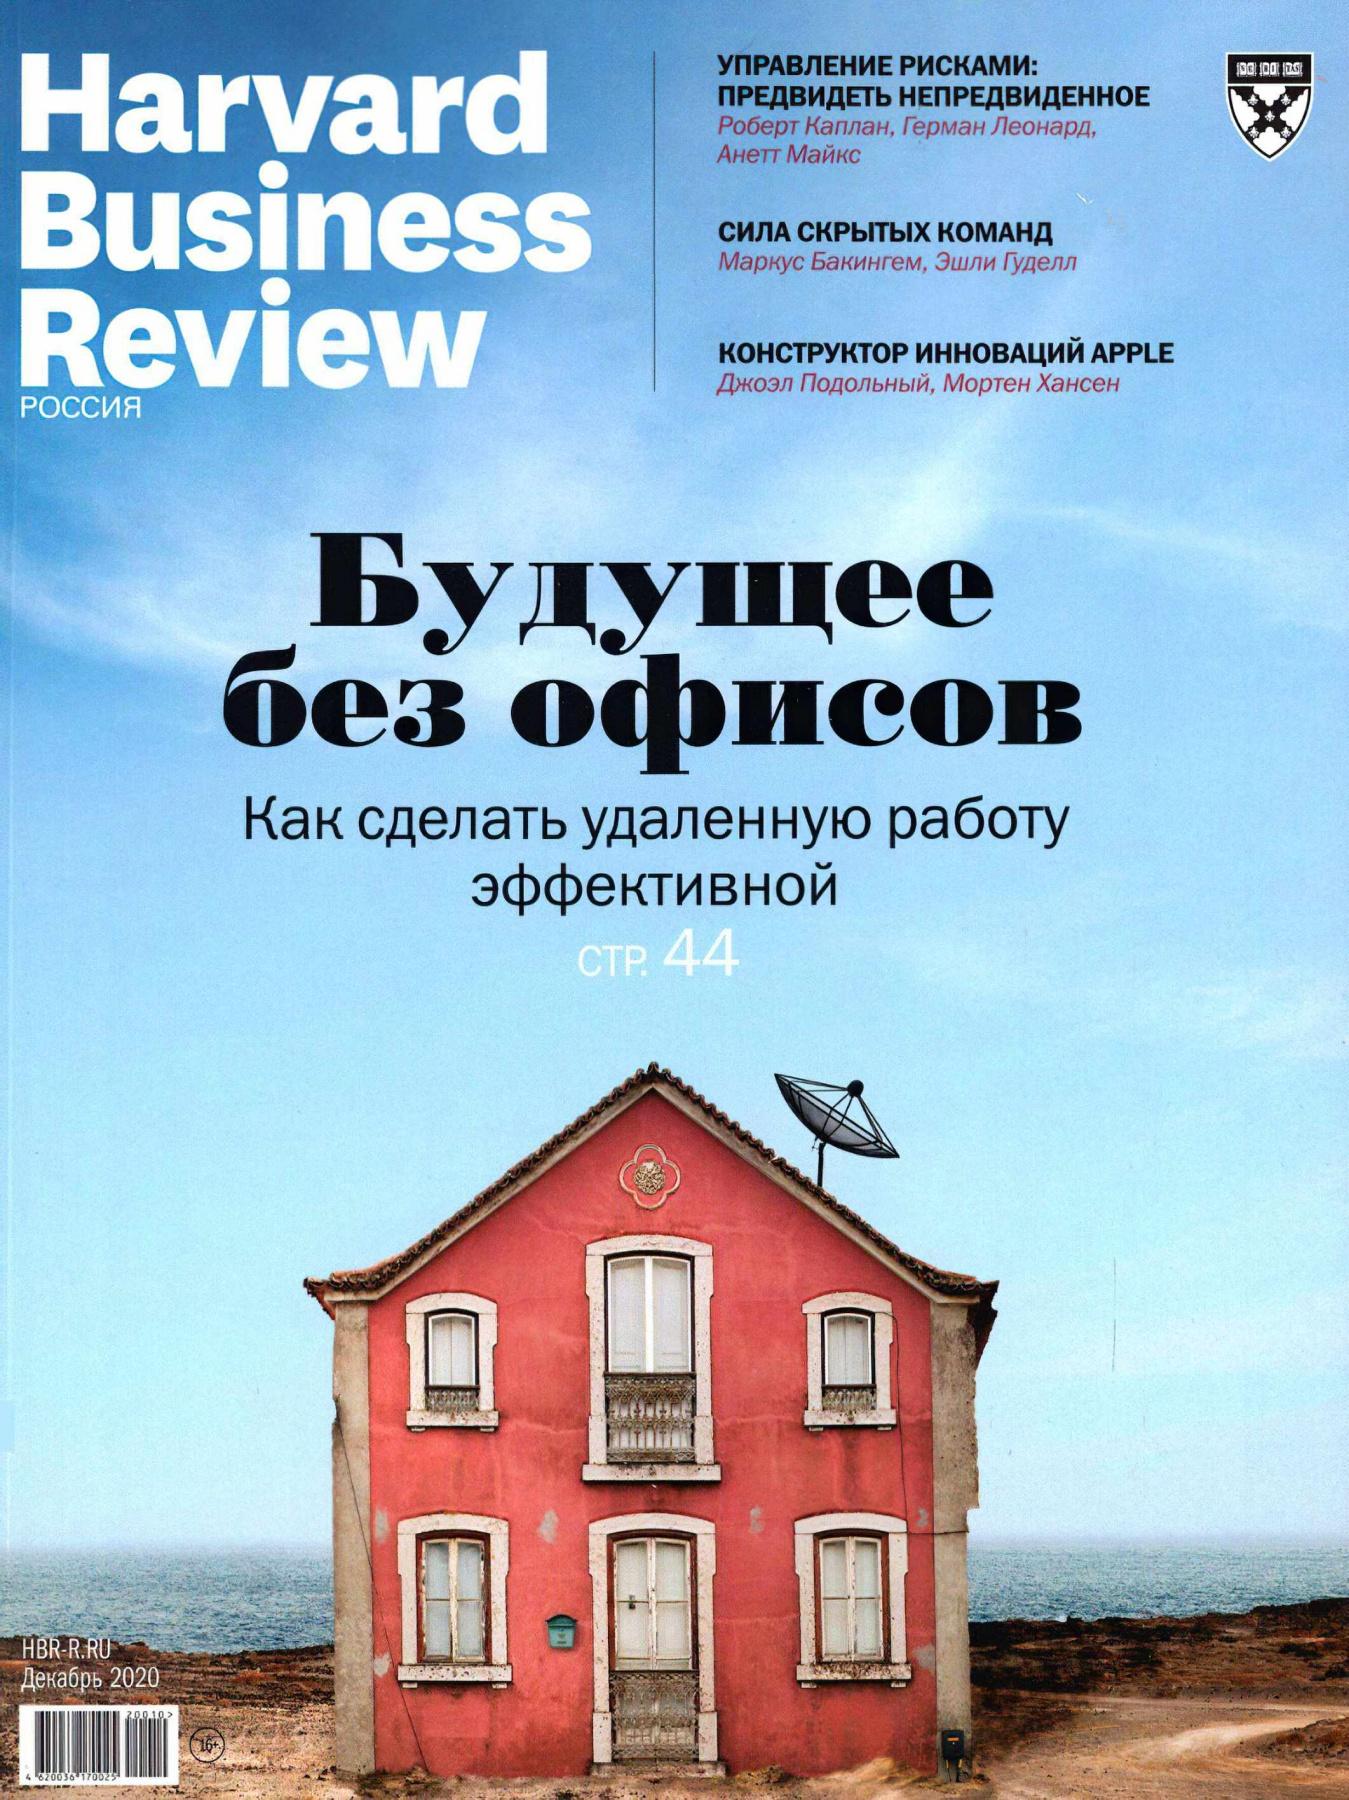 Harvard Business Review. Россия №12, декабрь 2020